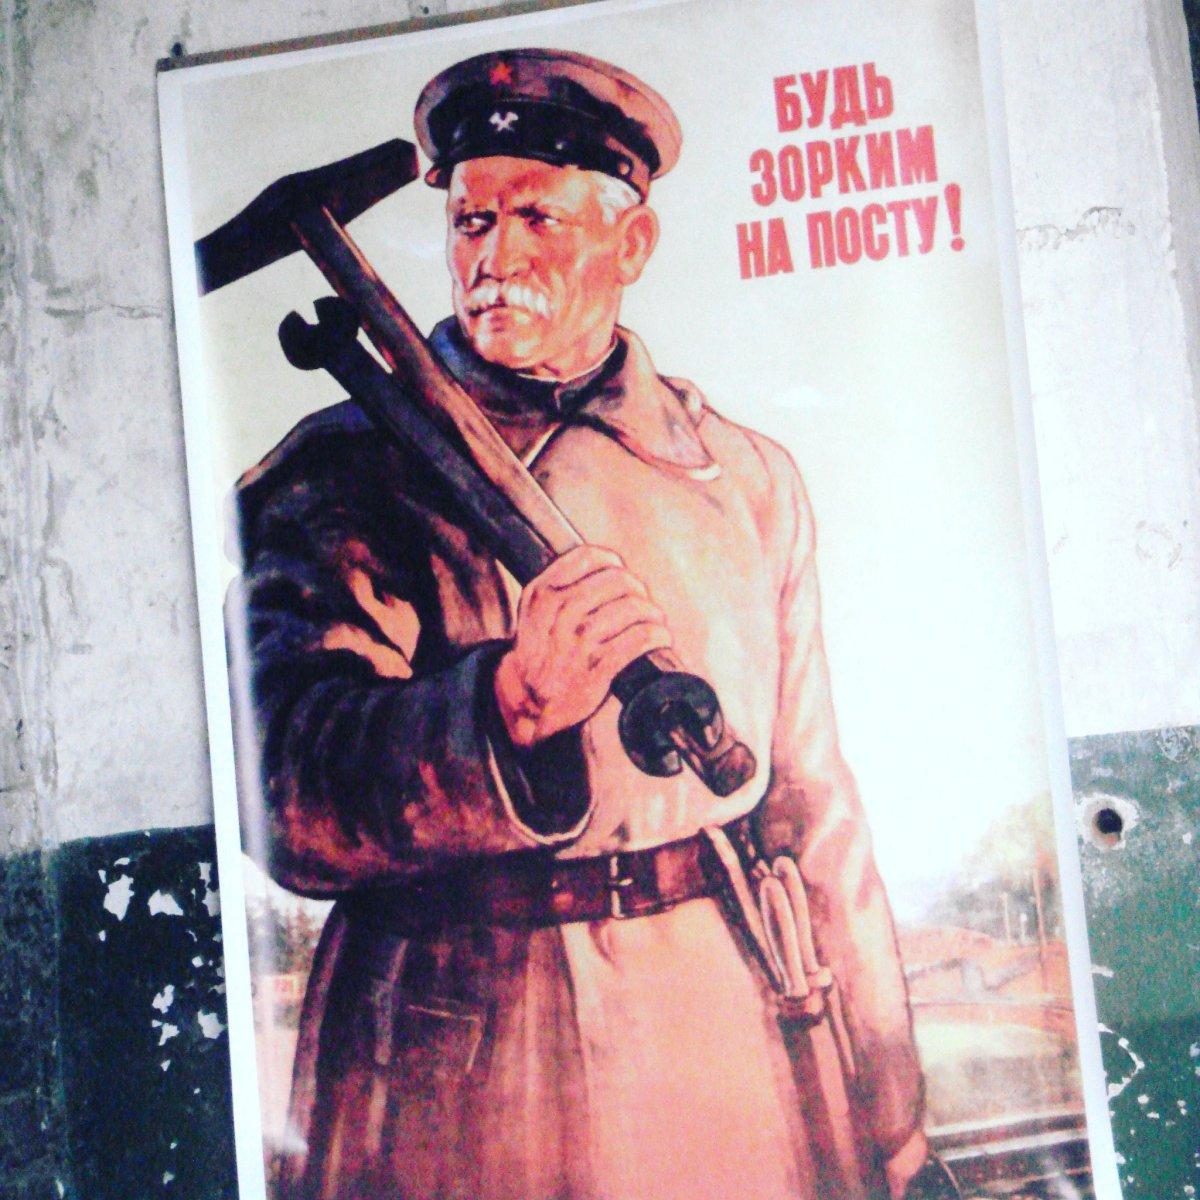 Музей паровозов.  Переславль.